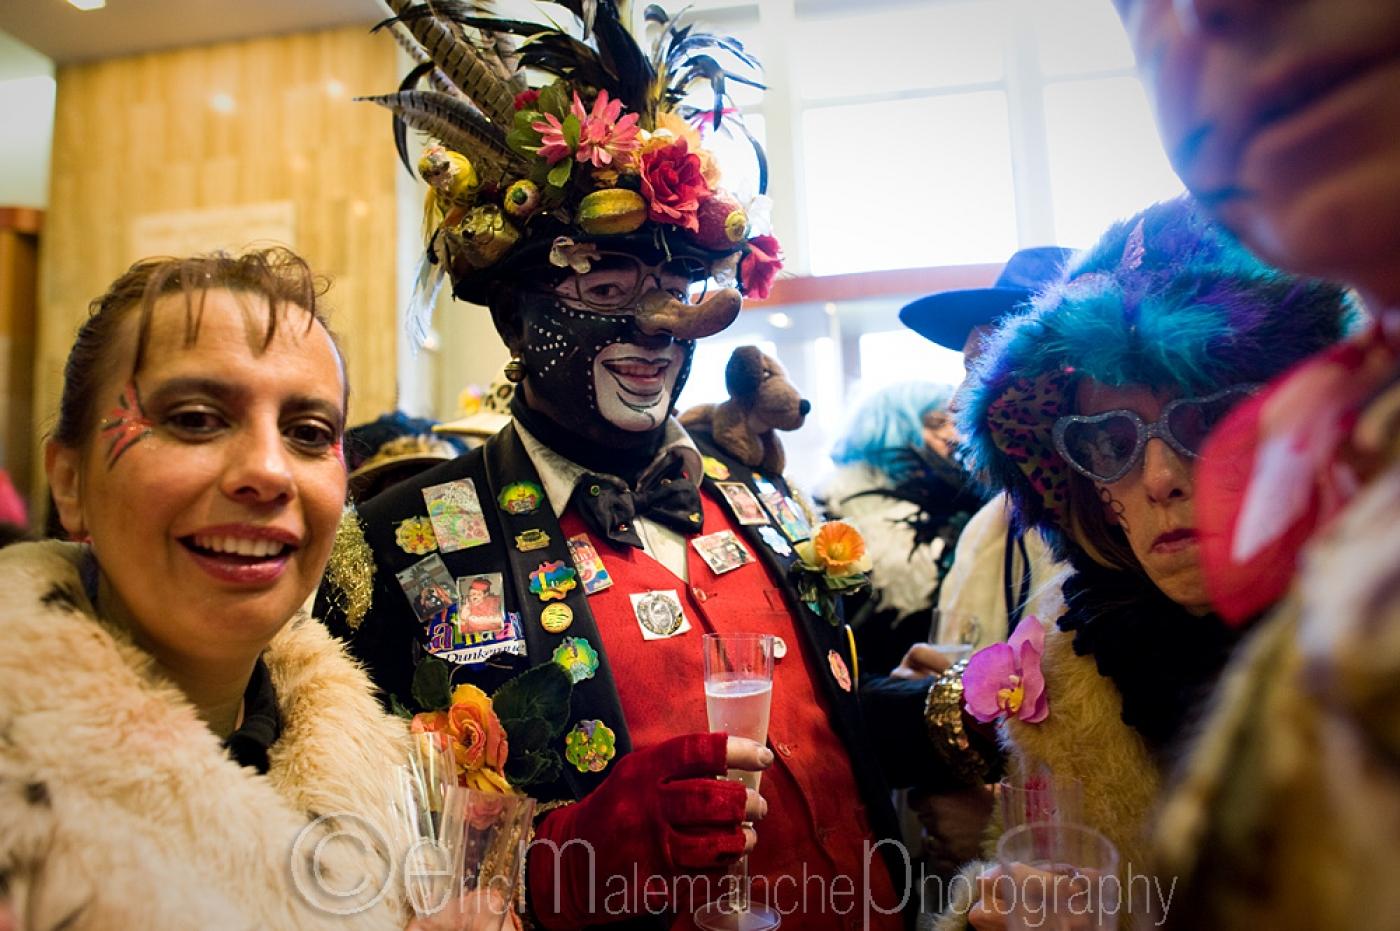 http://www.ericmalemanche.com/imagess/topics/carnaval-de-dunkerque/liste/Carnaval-Dunkerque-1562.jpg